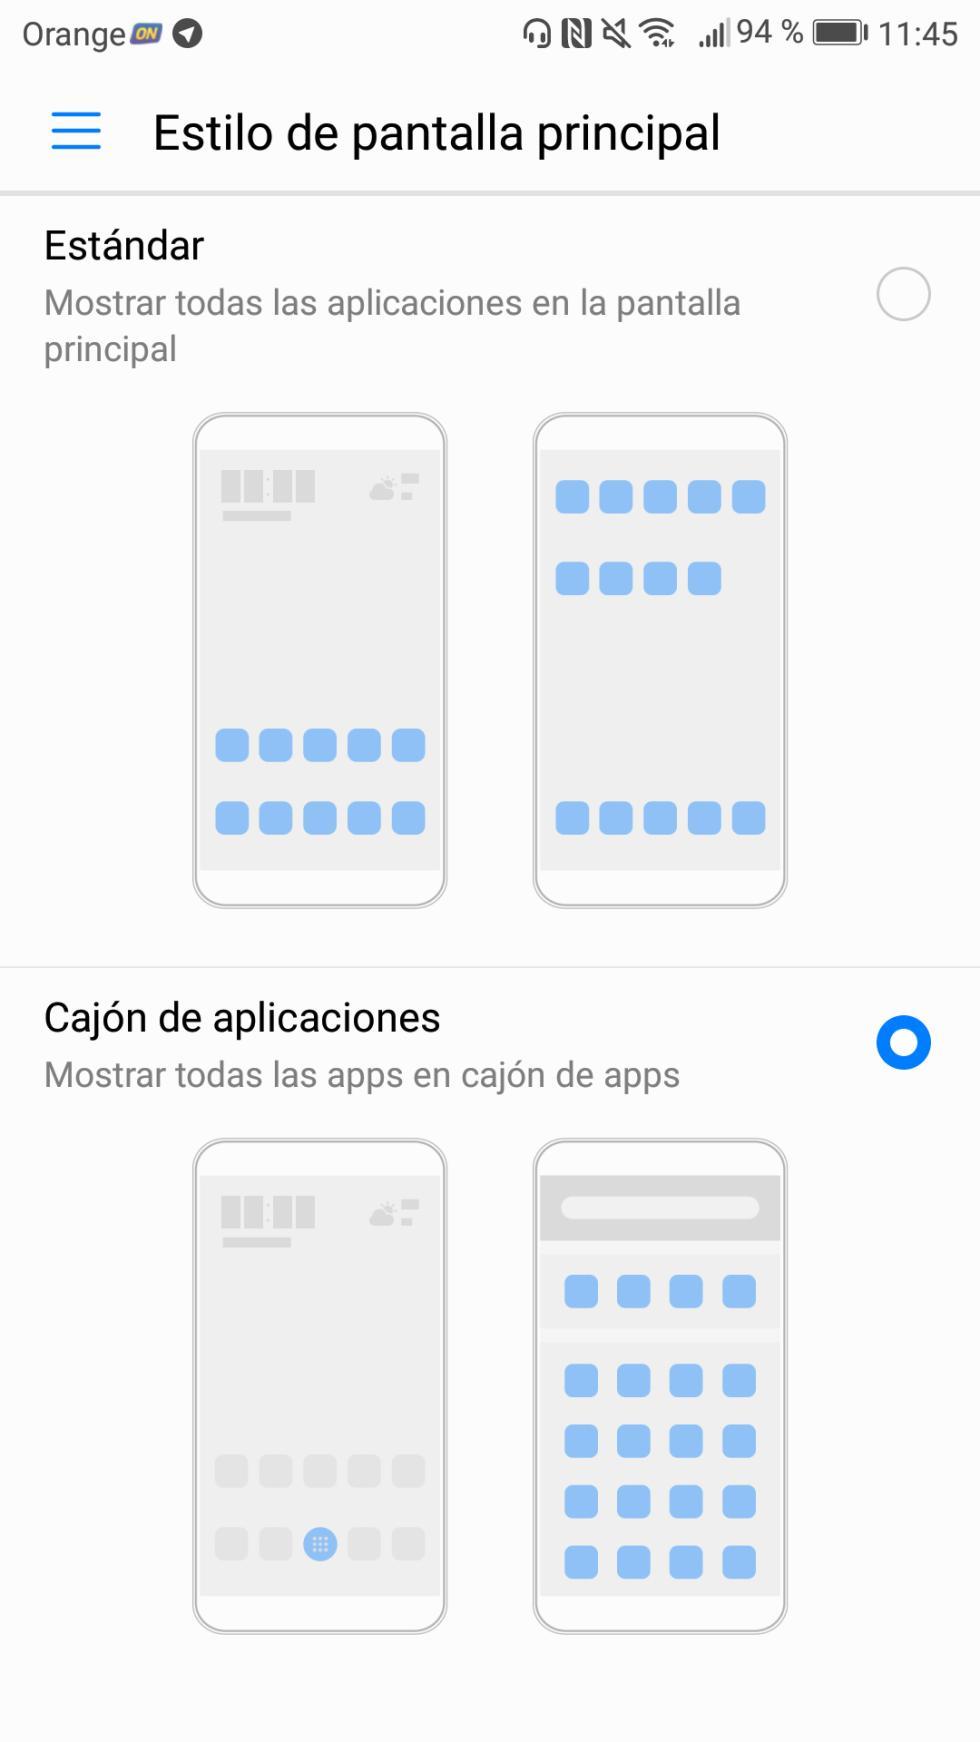 El cajón de aplicaciones es opcional, y lo podemos activar si preferimos tener una interfaz al estilo de los Pixel de Google